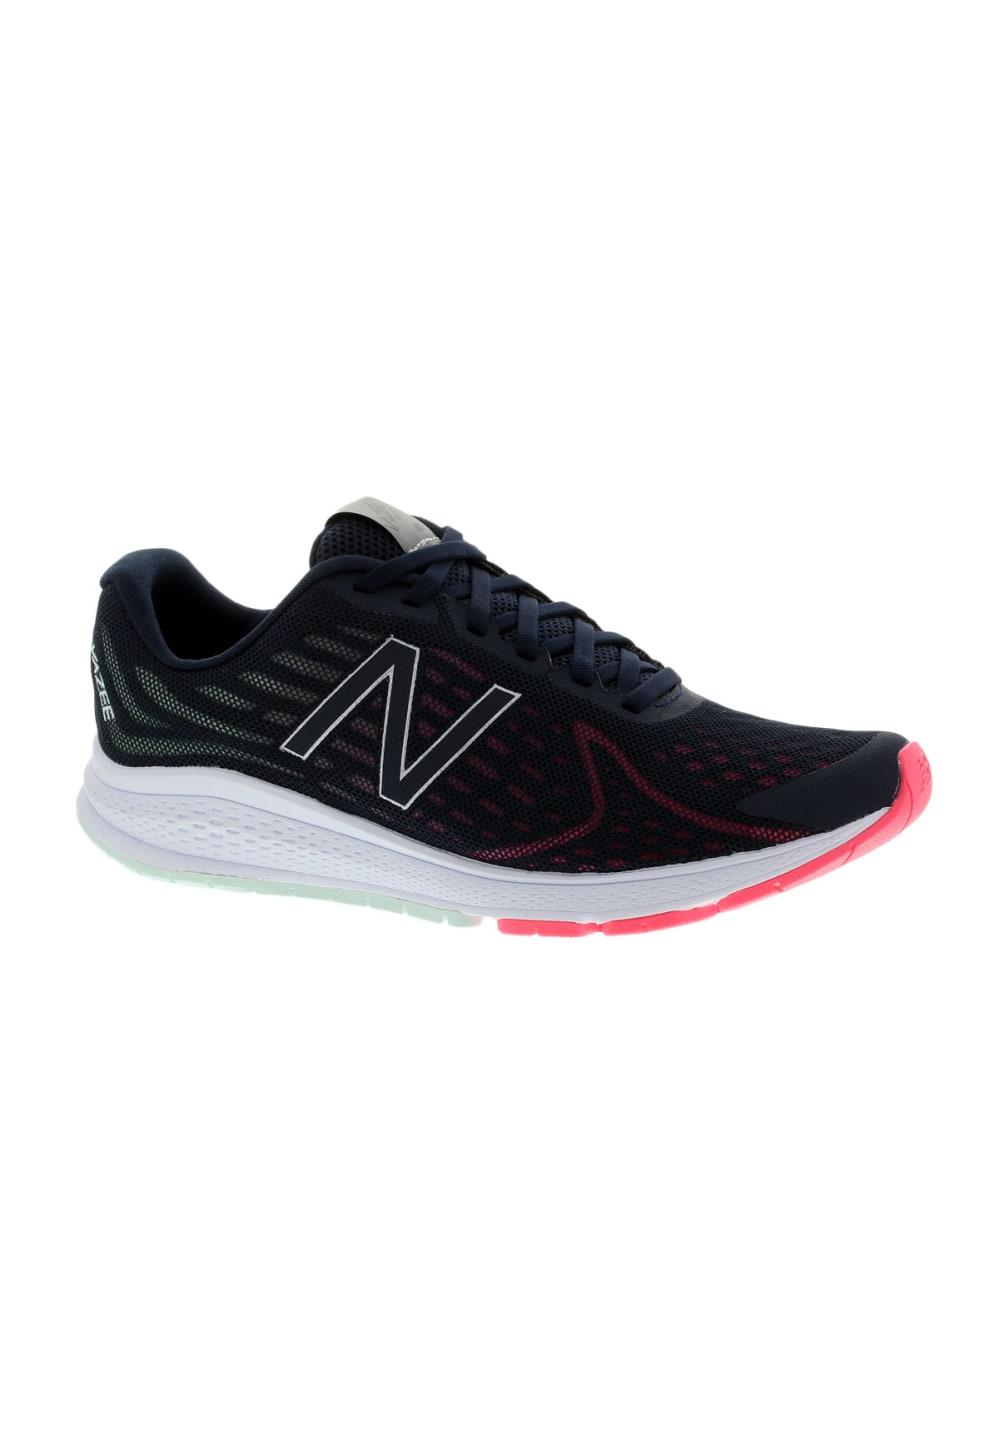 New Balance Vazee Rush V2 Femmes Chaussures running